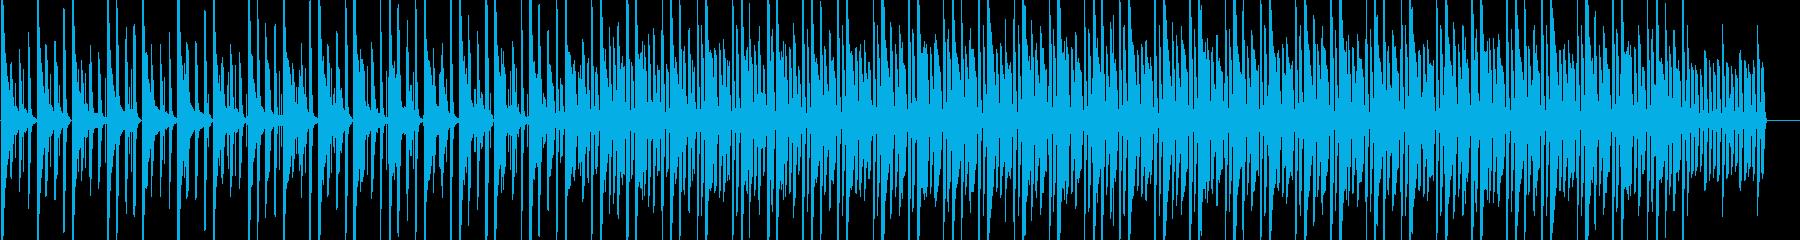 リズミカルなシンプルなピアノミニマル曲の再生済みの波形